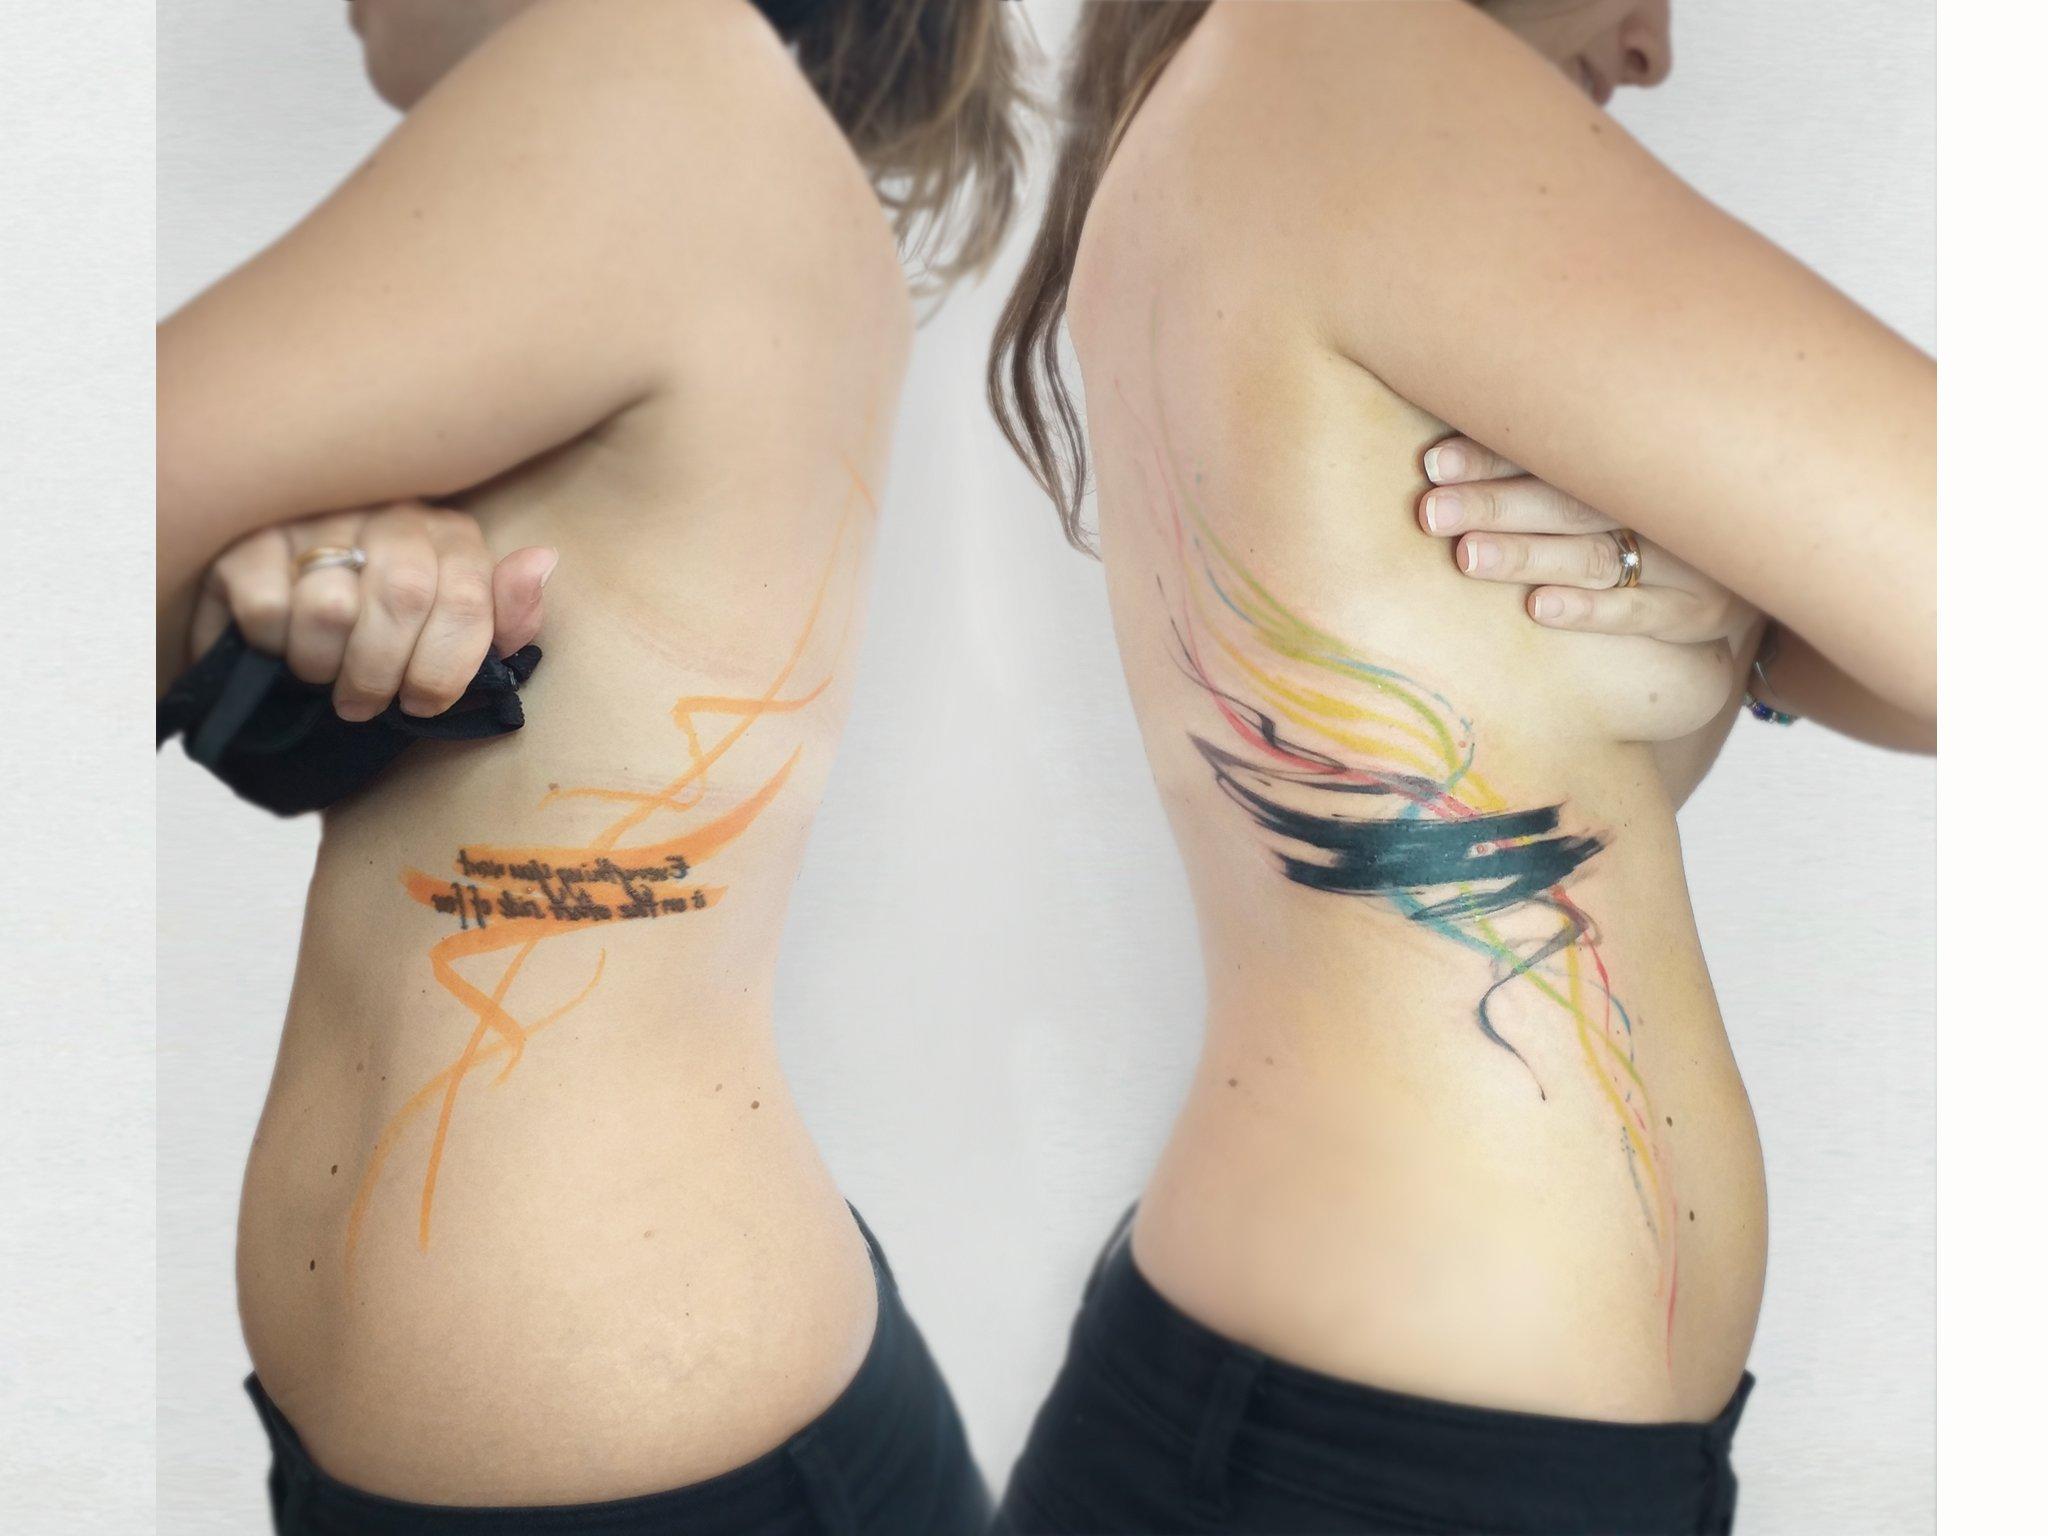 Copertura di un tatuaggio, cover up tattoo, modifica,  restyling o rimozione con laser: quale è la soluzione migliore?